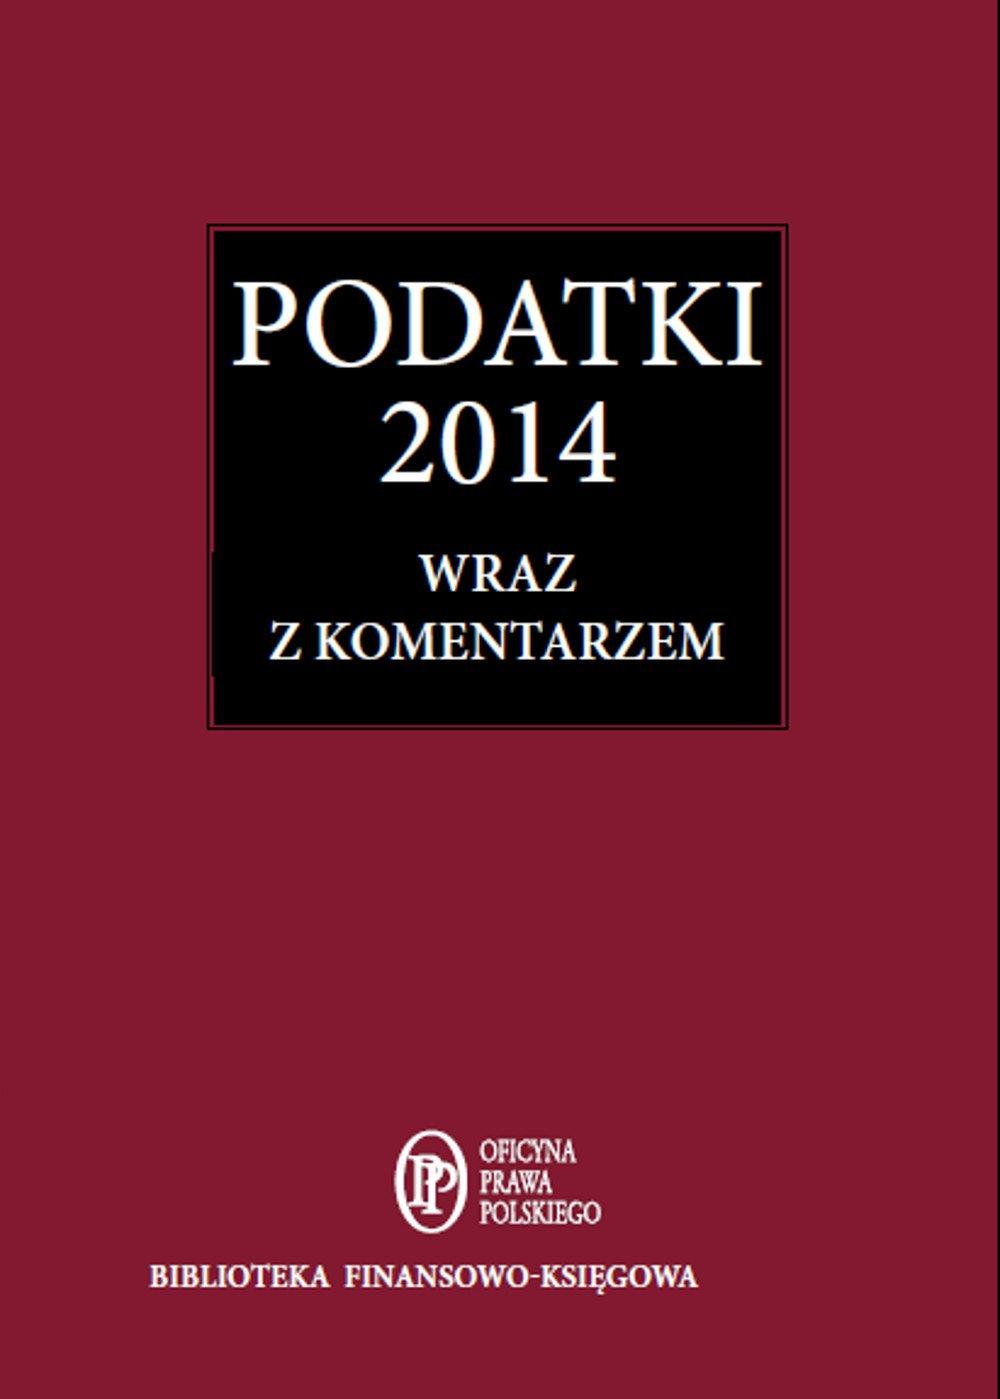 Podatki 2014 wraz z komentarzem - Ebook (Książka PDF) do pobrania w formacie PDF